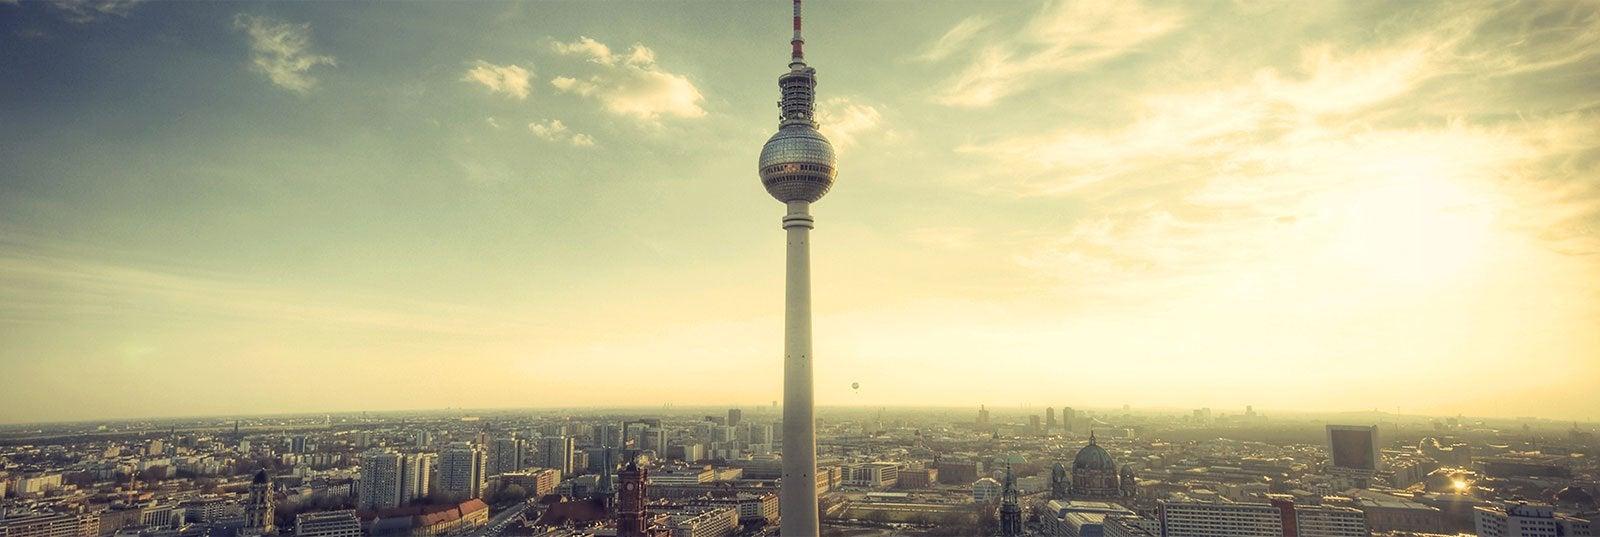 Guía turística de Berlim